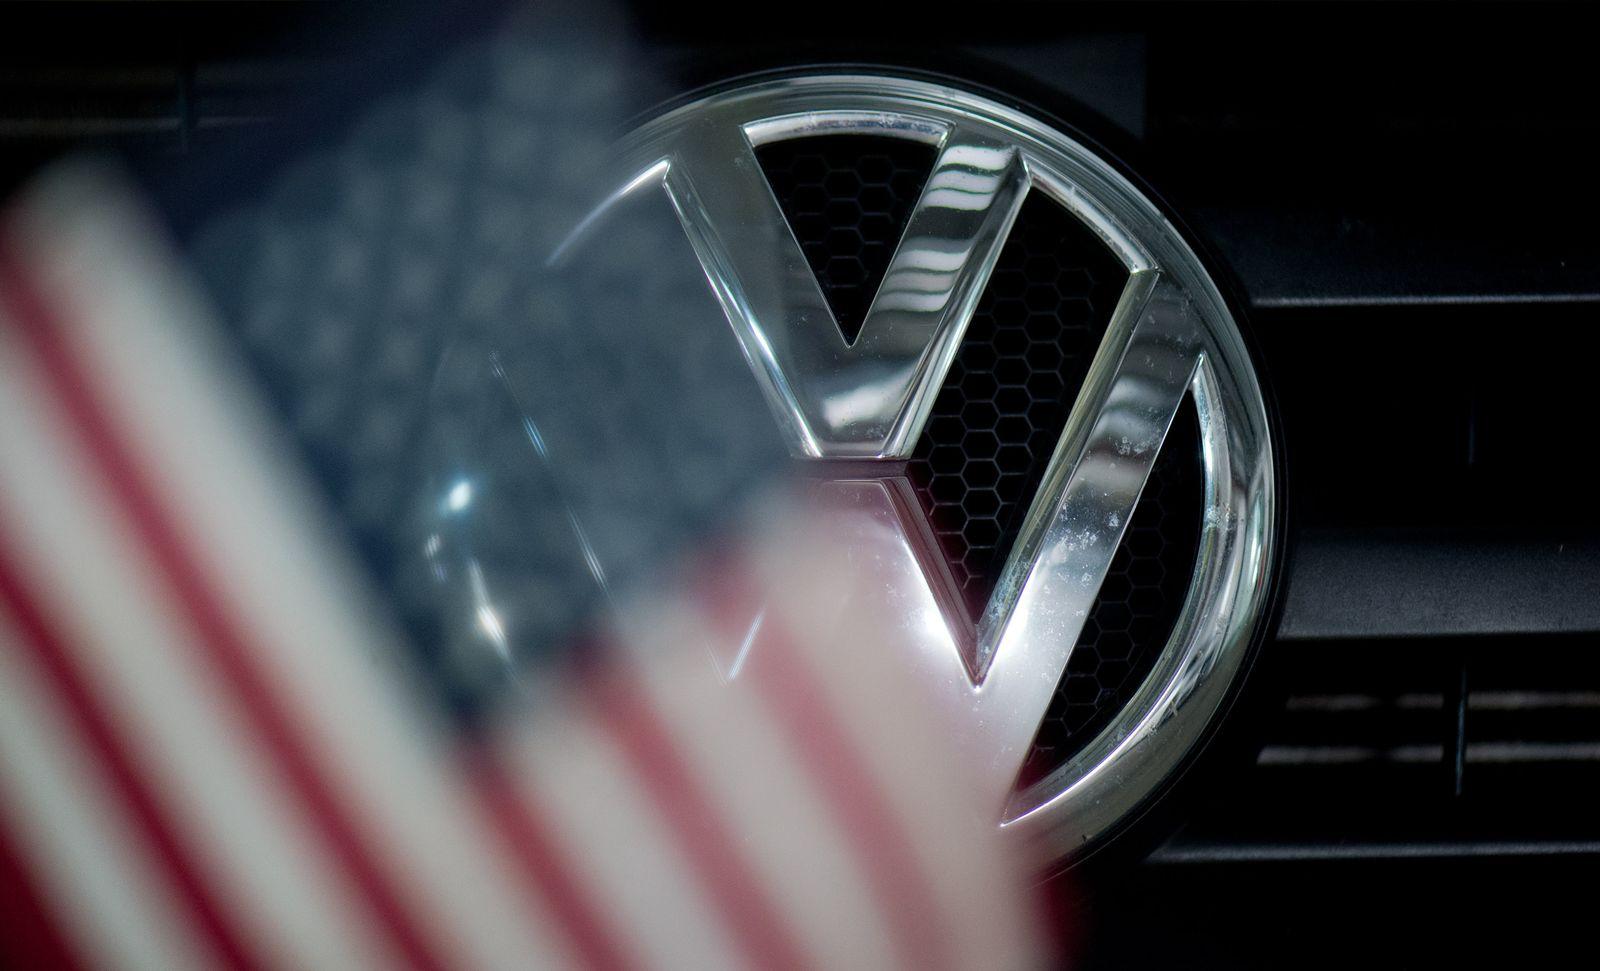 VW-Konzern hadert trotz Abgas-Vergleichs mit klagenden US-Staaten